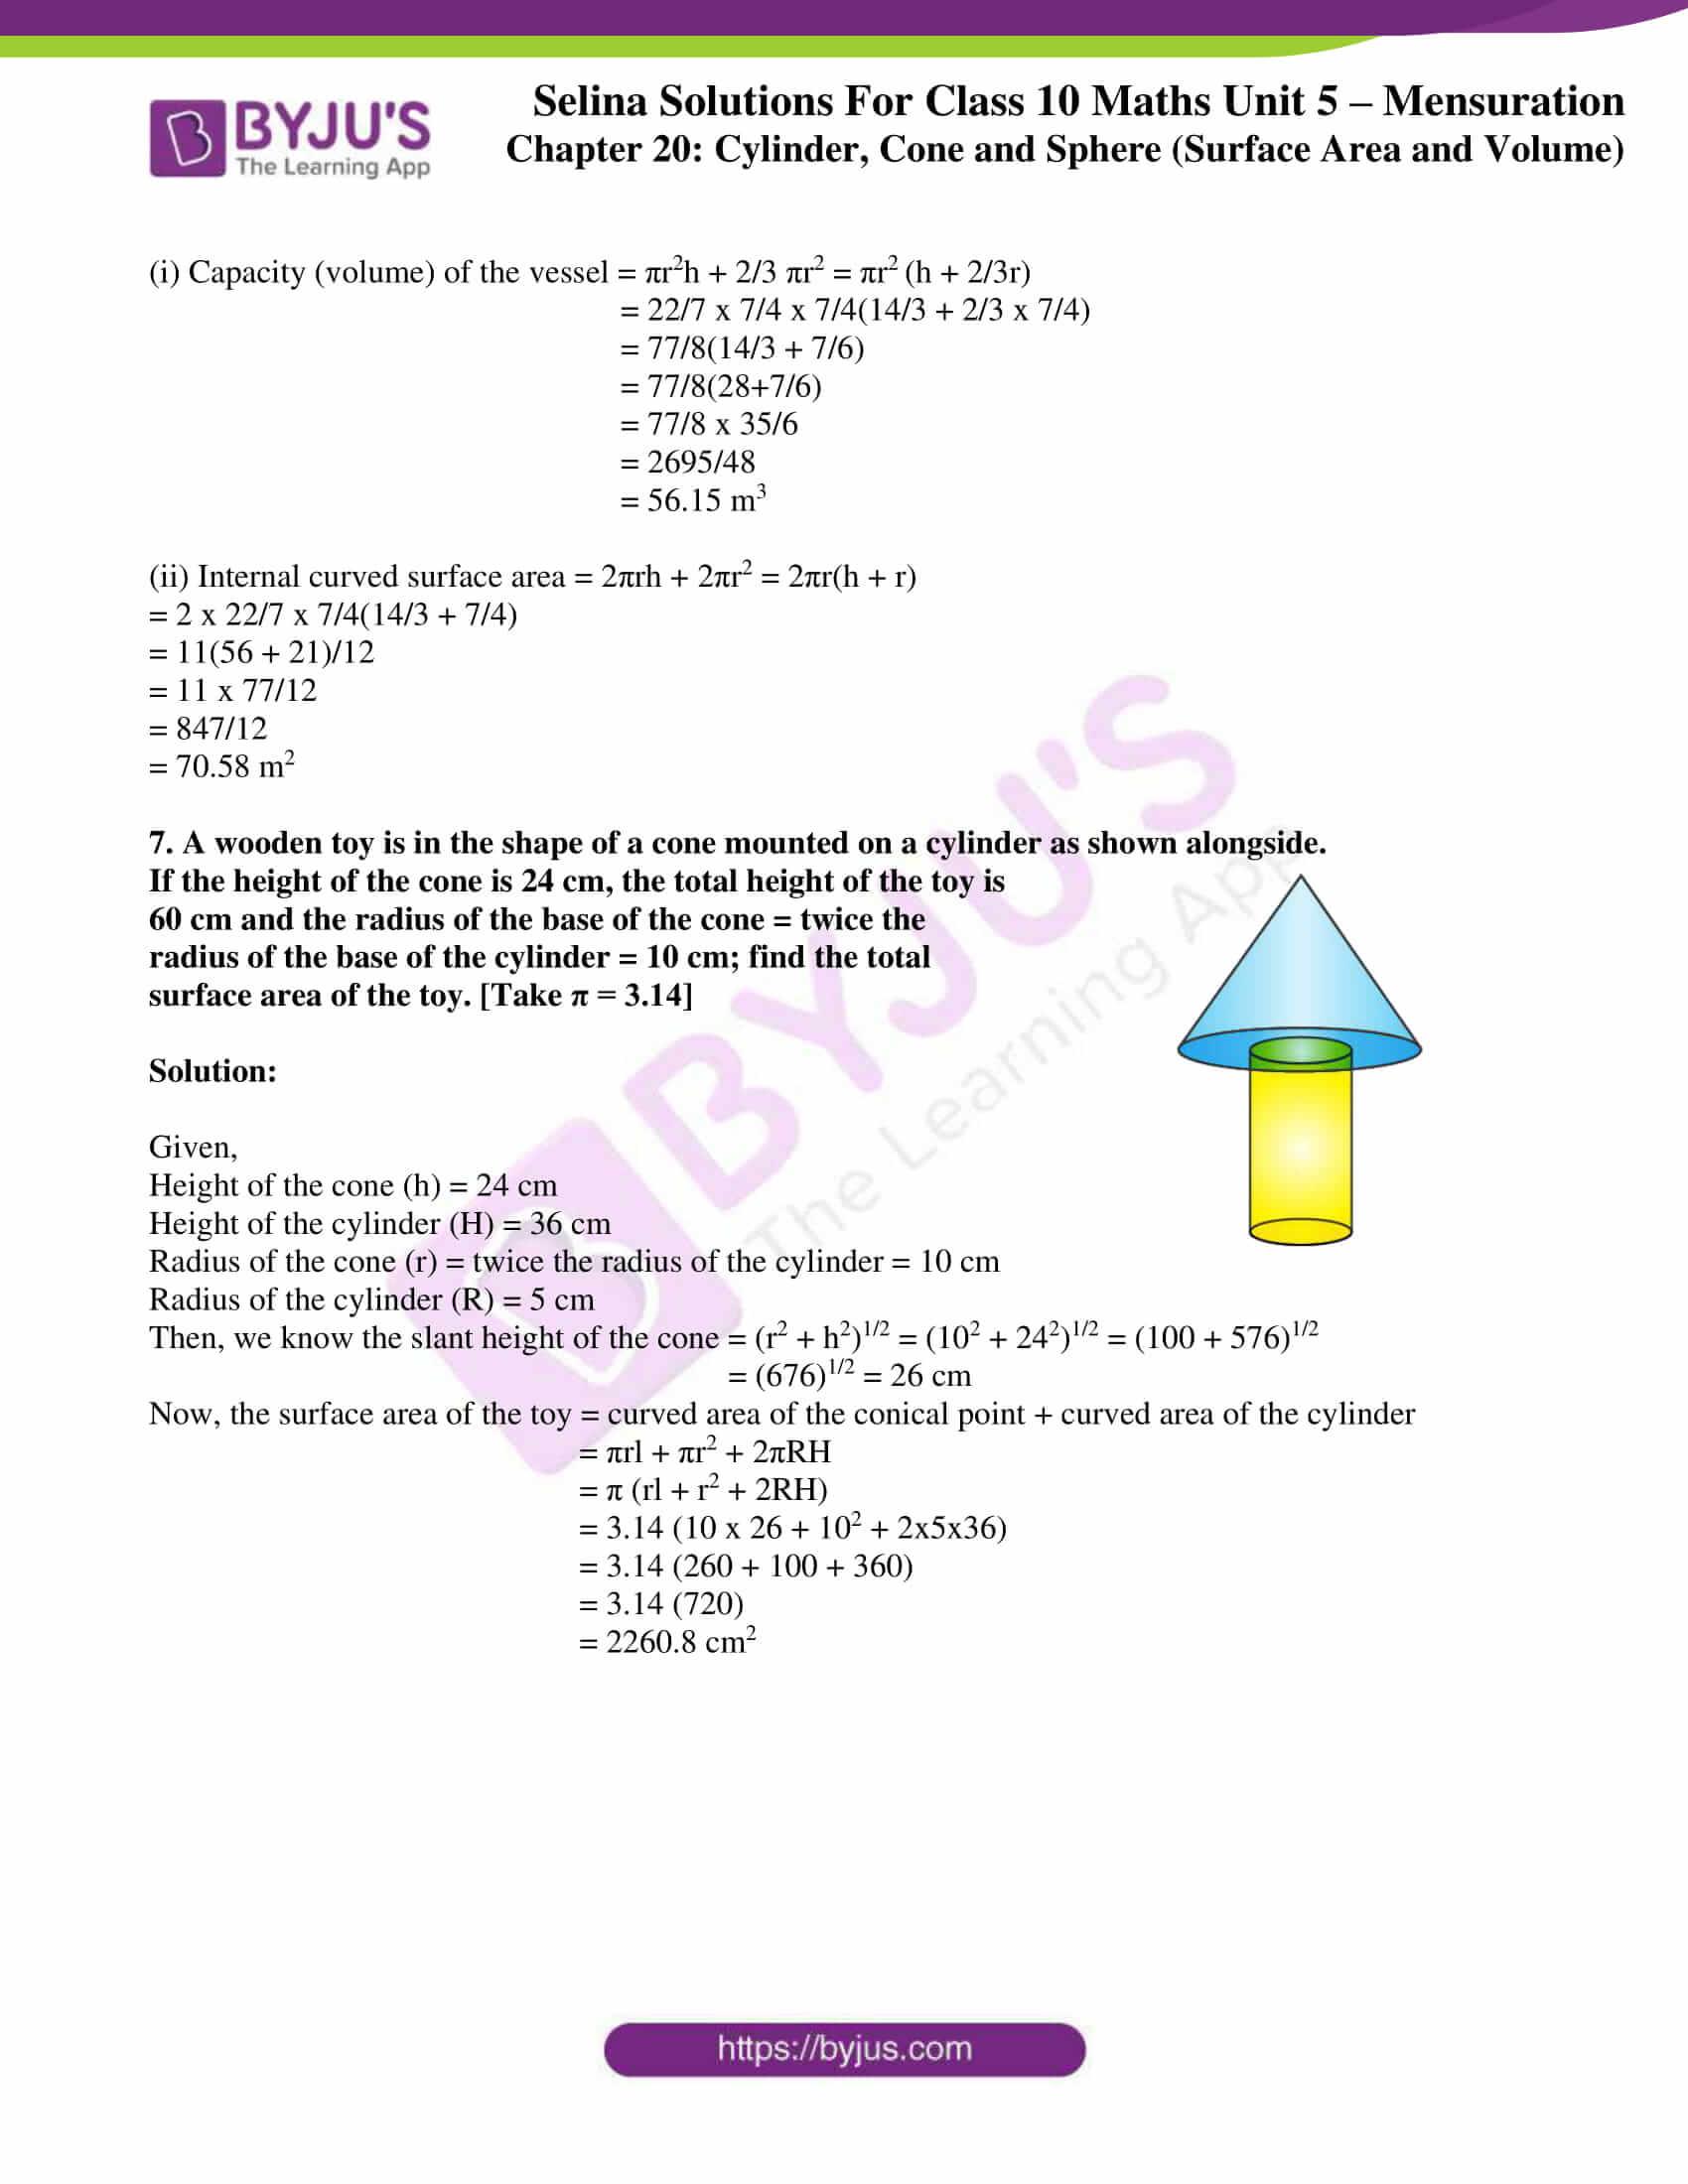 selina-sol-maths-class-10-ch-20-ex-f-5